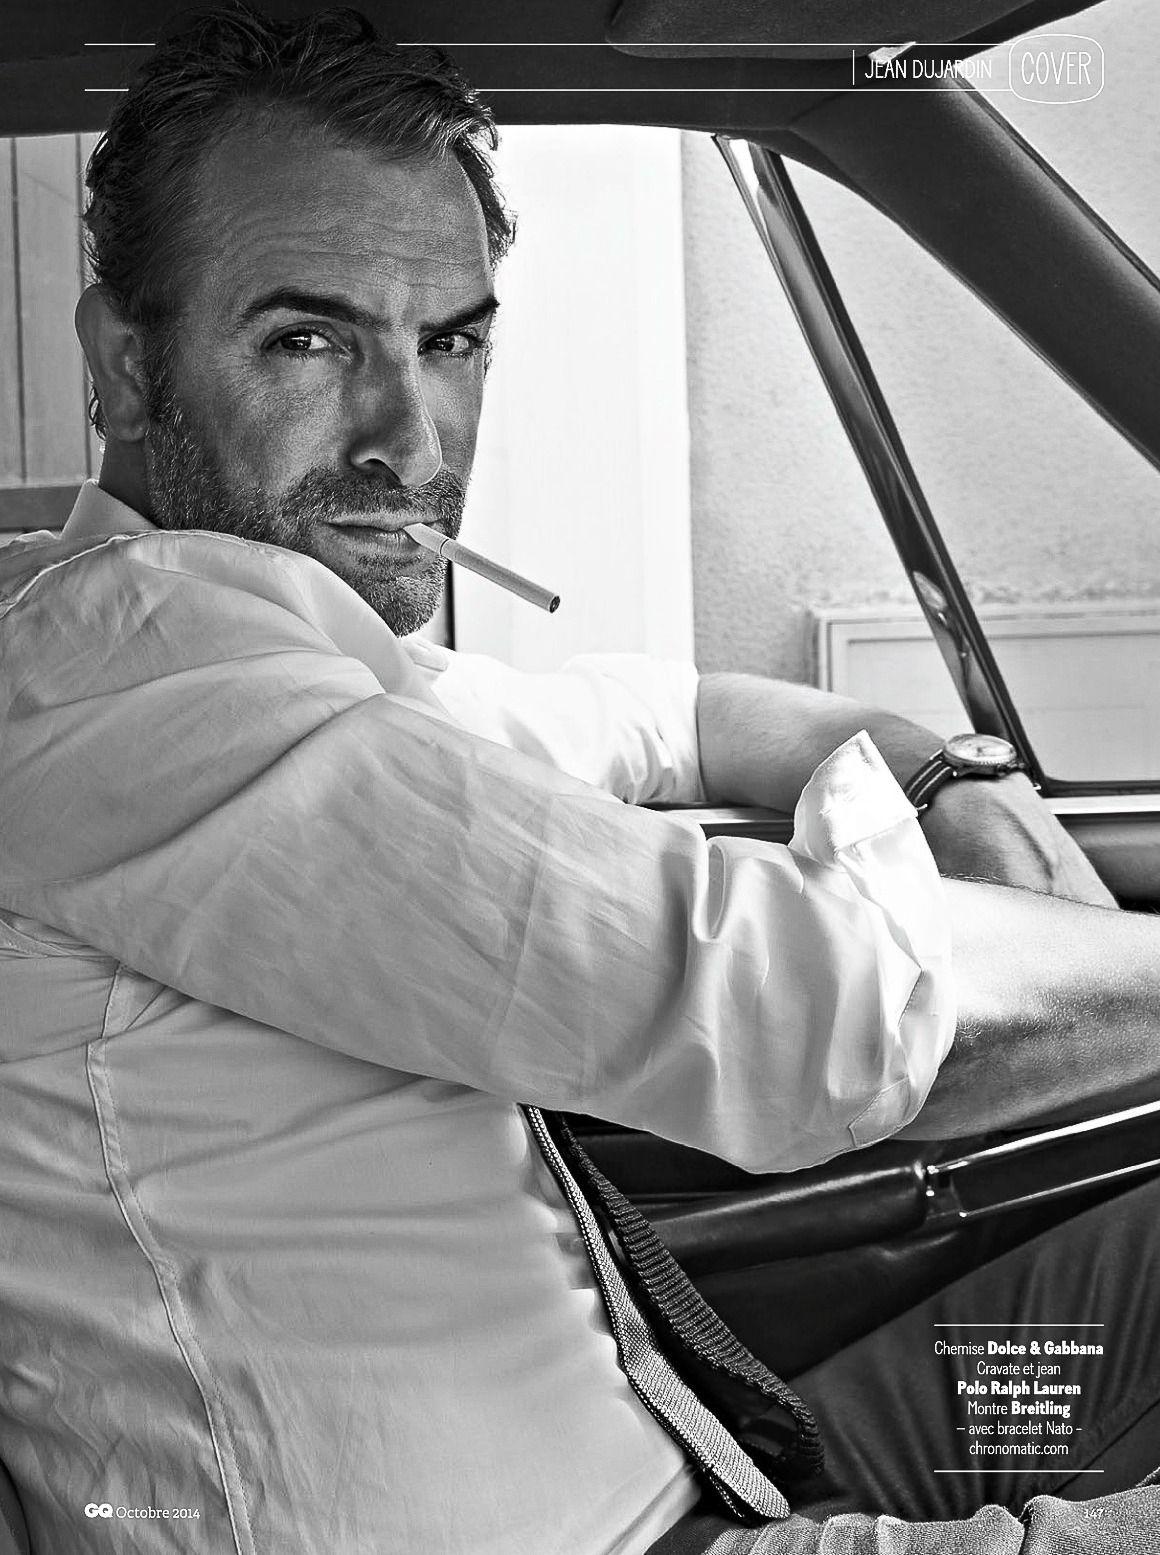 Jean dujardin for gq france oct 2014 l 39 homme for Dujardin france